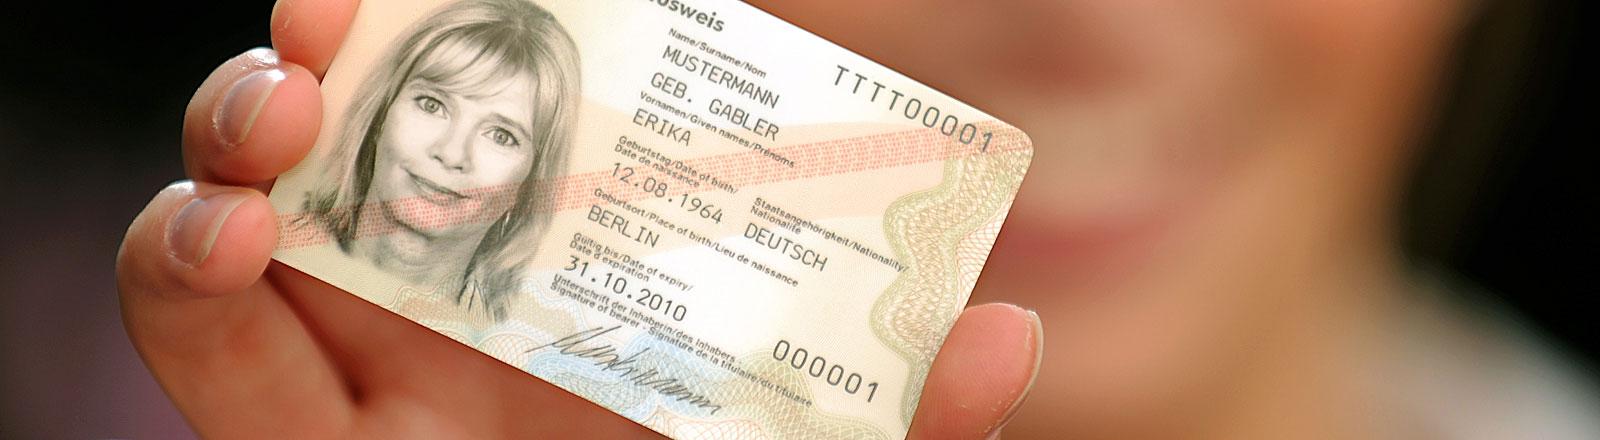 """Eine Frau hält den Personalausweis von """"Erika Mustermann"""" in die Kamera"""